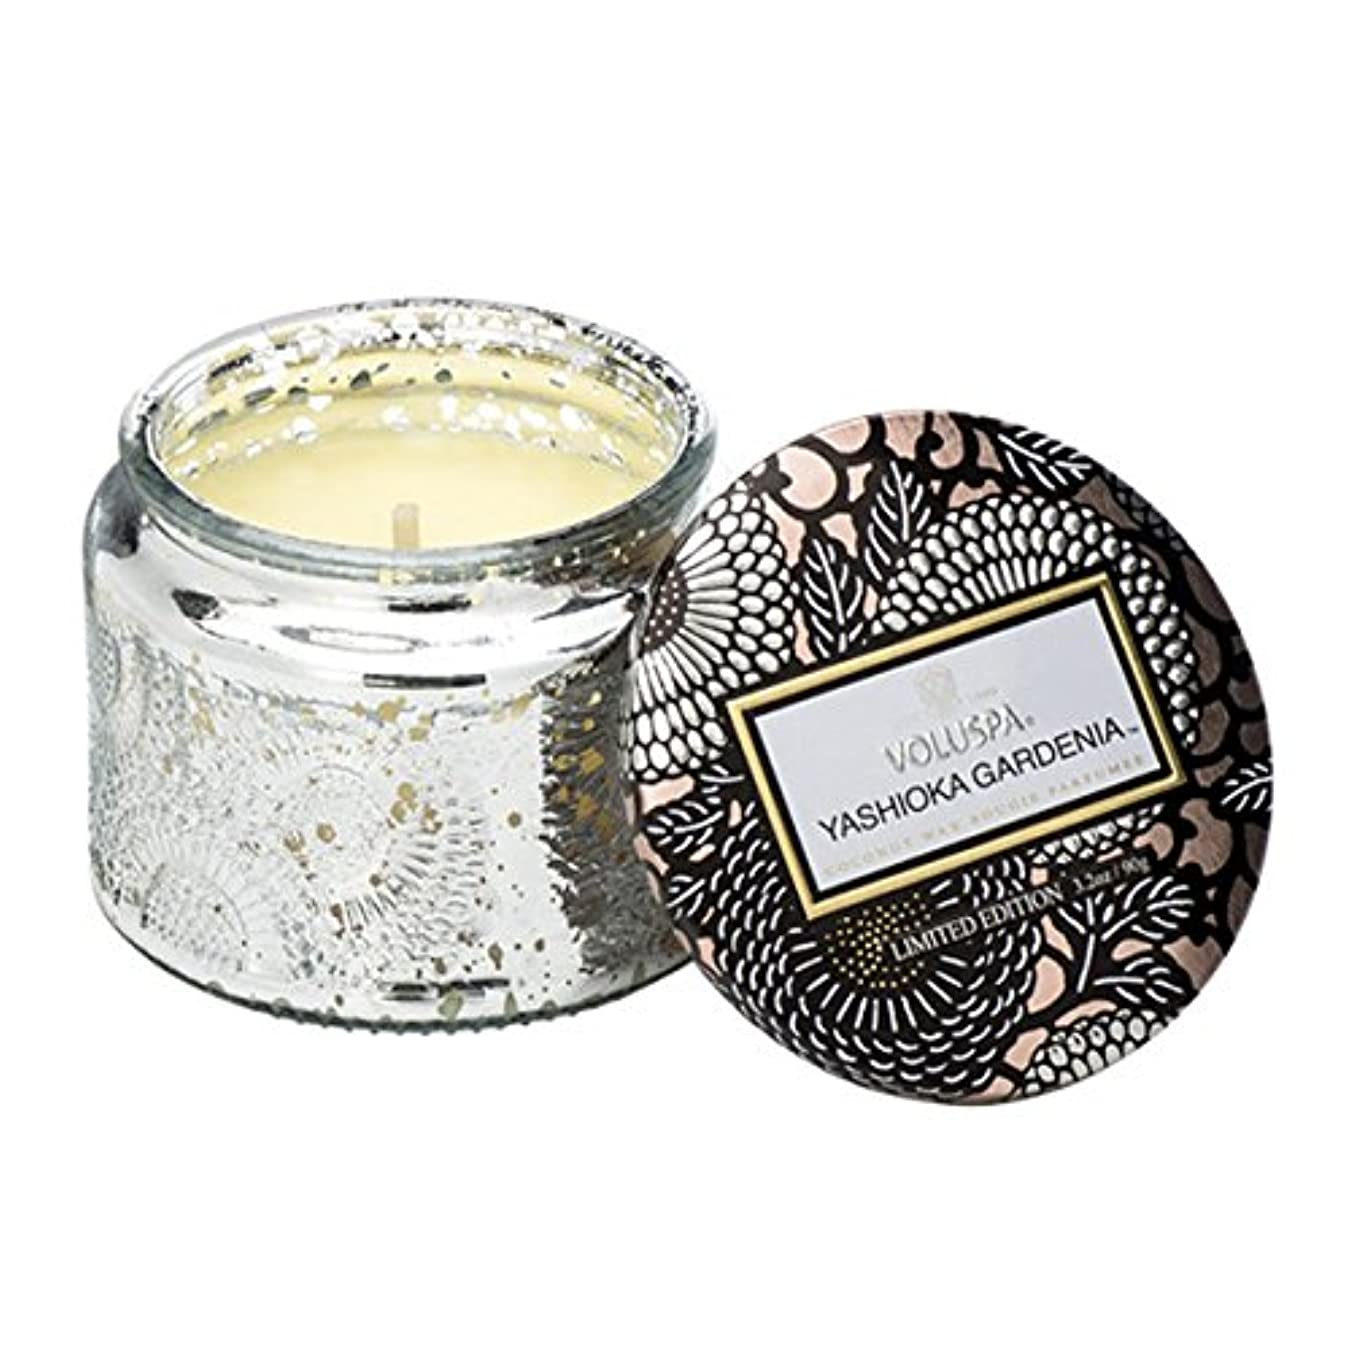 最後に宿題をするメッセンジャーVoluspa ボルスパ ジャポニカ リミテッド グラスジャーキャンドル  S ヤシオカガーデニア YASHIOKA GARDENIA JAPONICA Limited PETITE EMBOSSED Glass jar candle